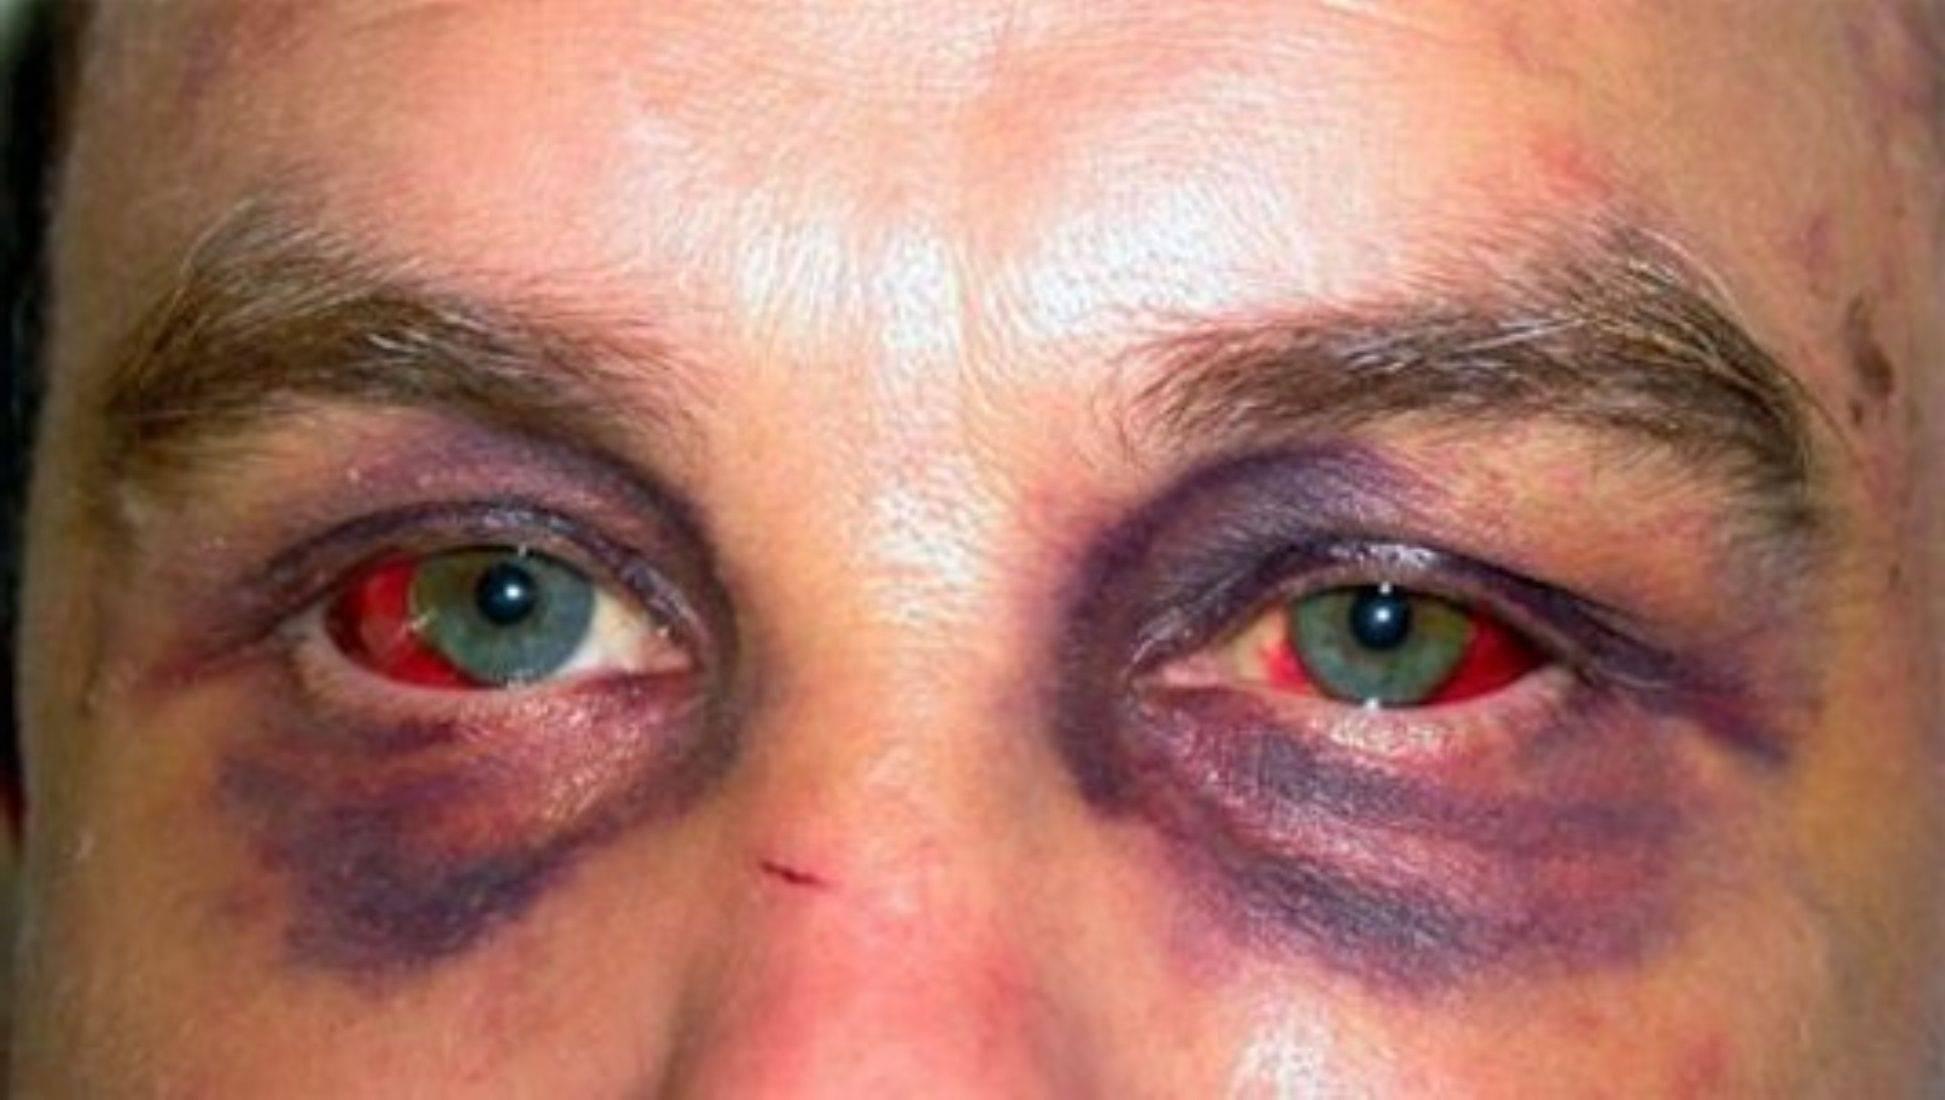 Проникающее ранение глаза - первая помощь, последствия